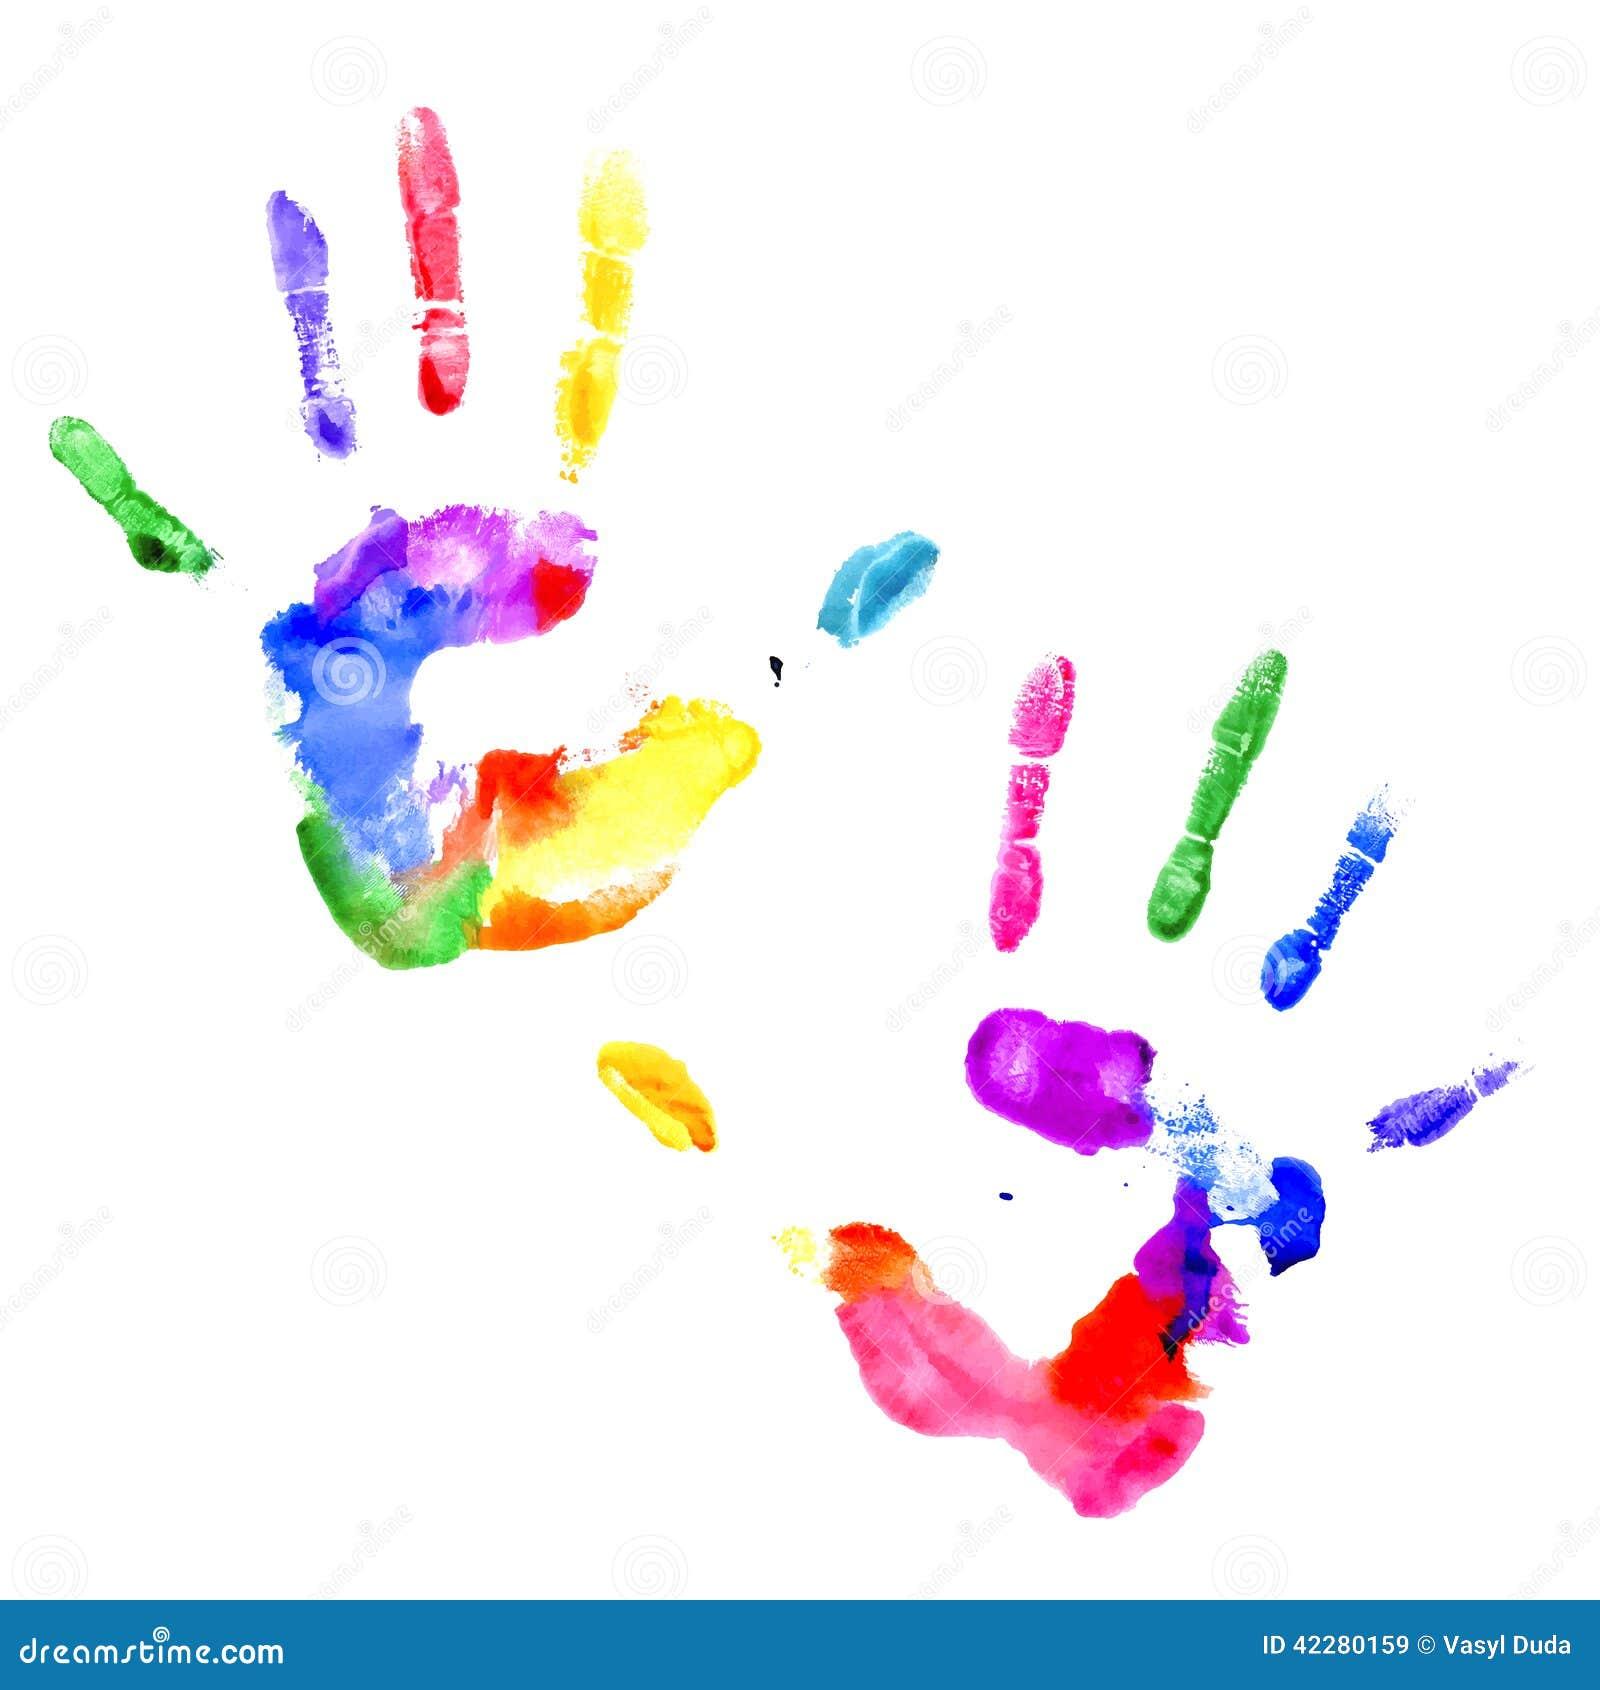 Handprint In Vibrant C...